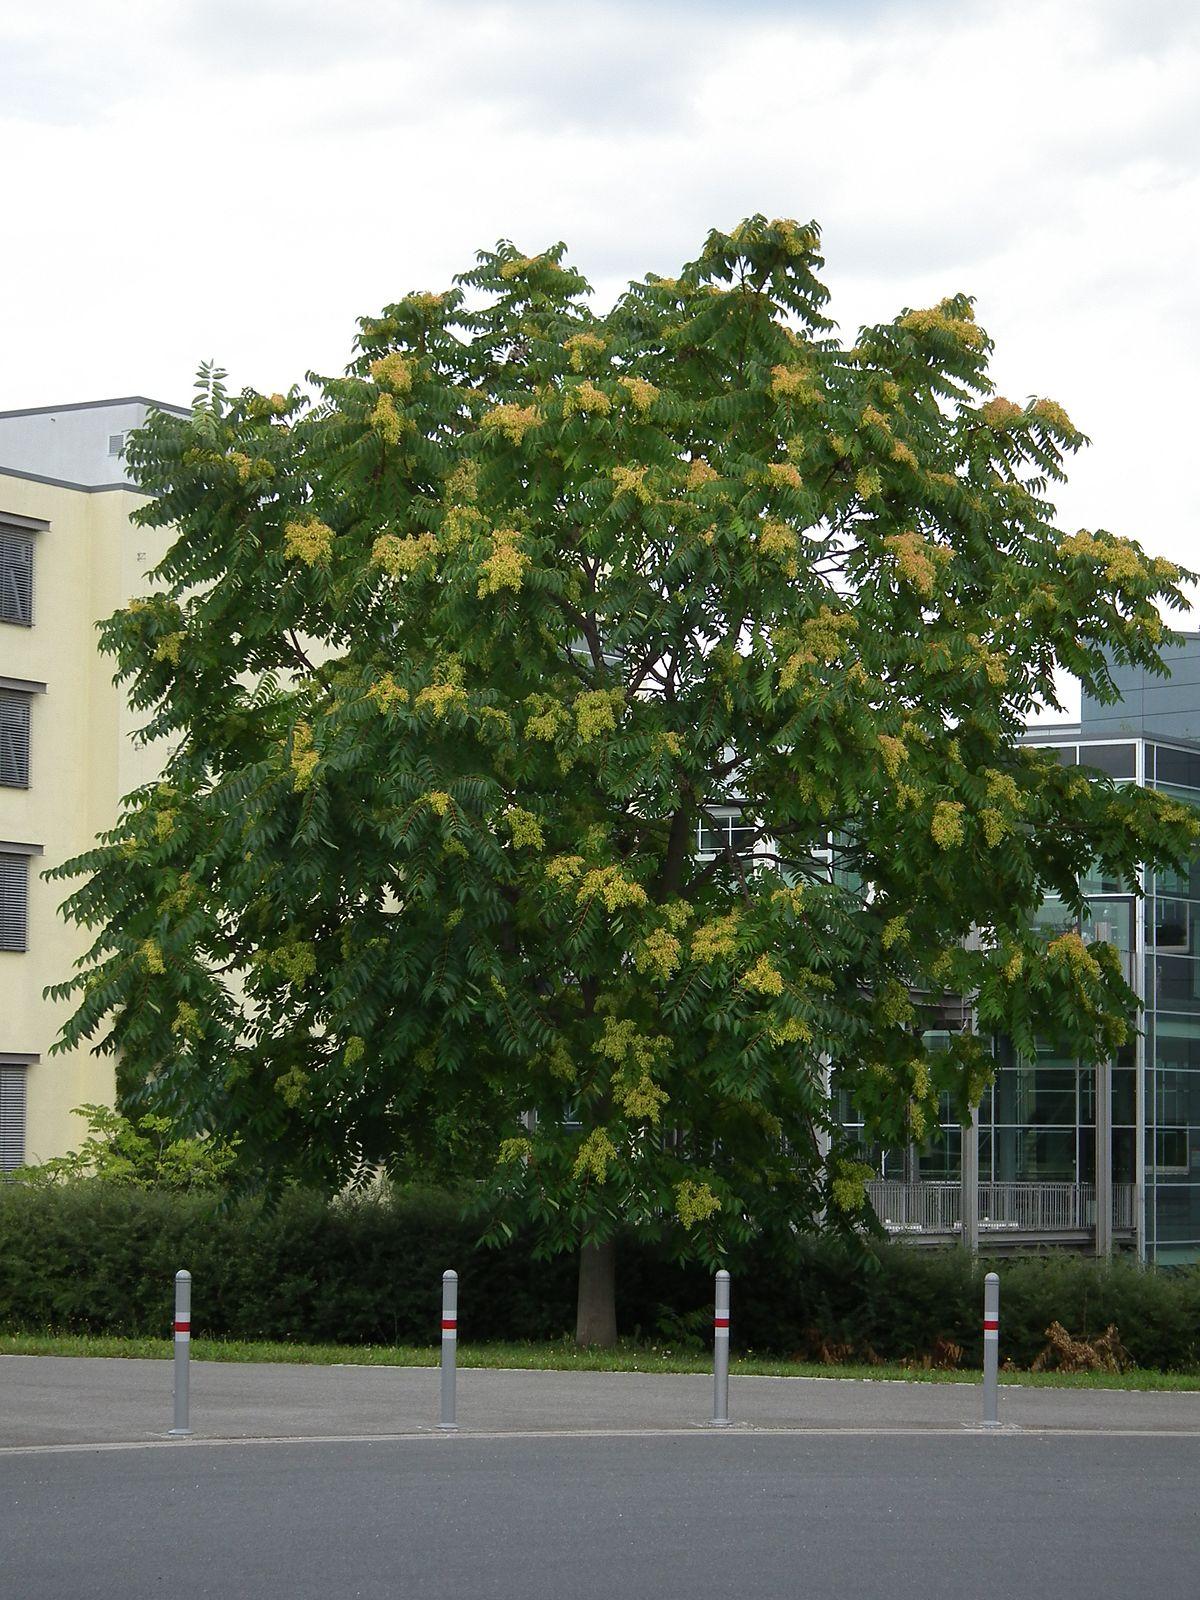 Ailanthus altissima wikip dia - Arbre a pousse rapide ...